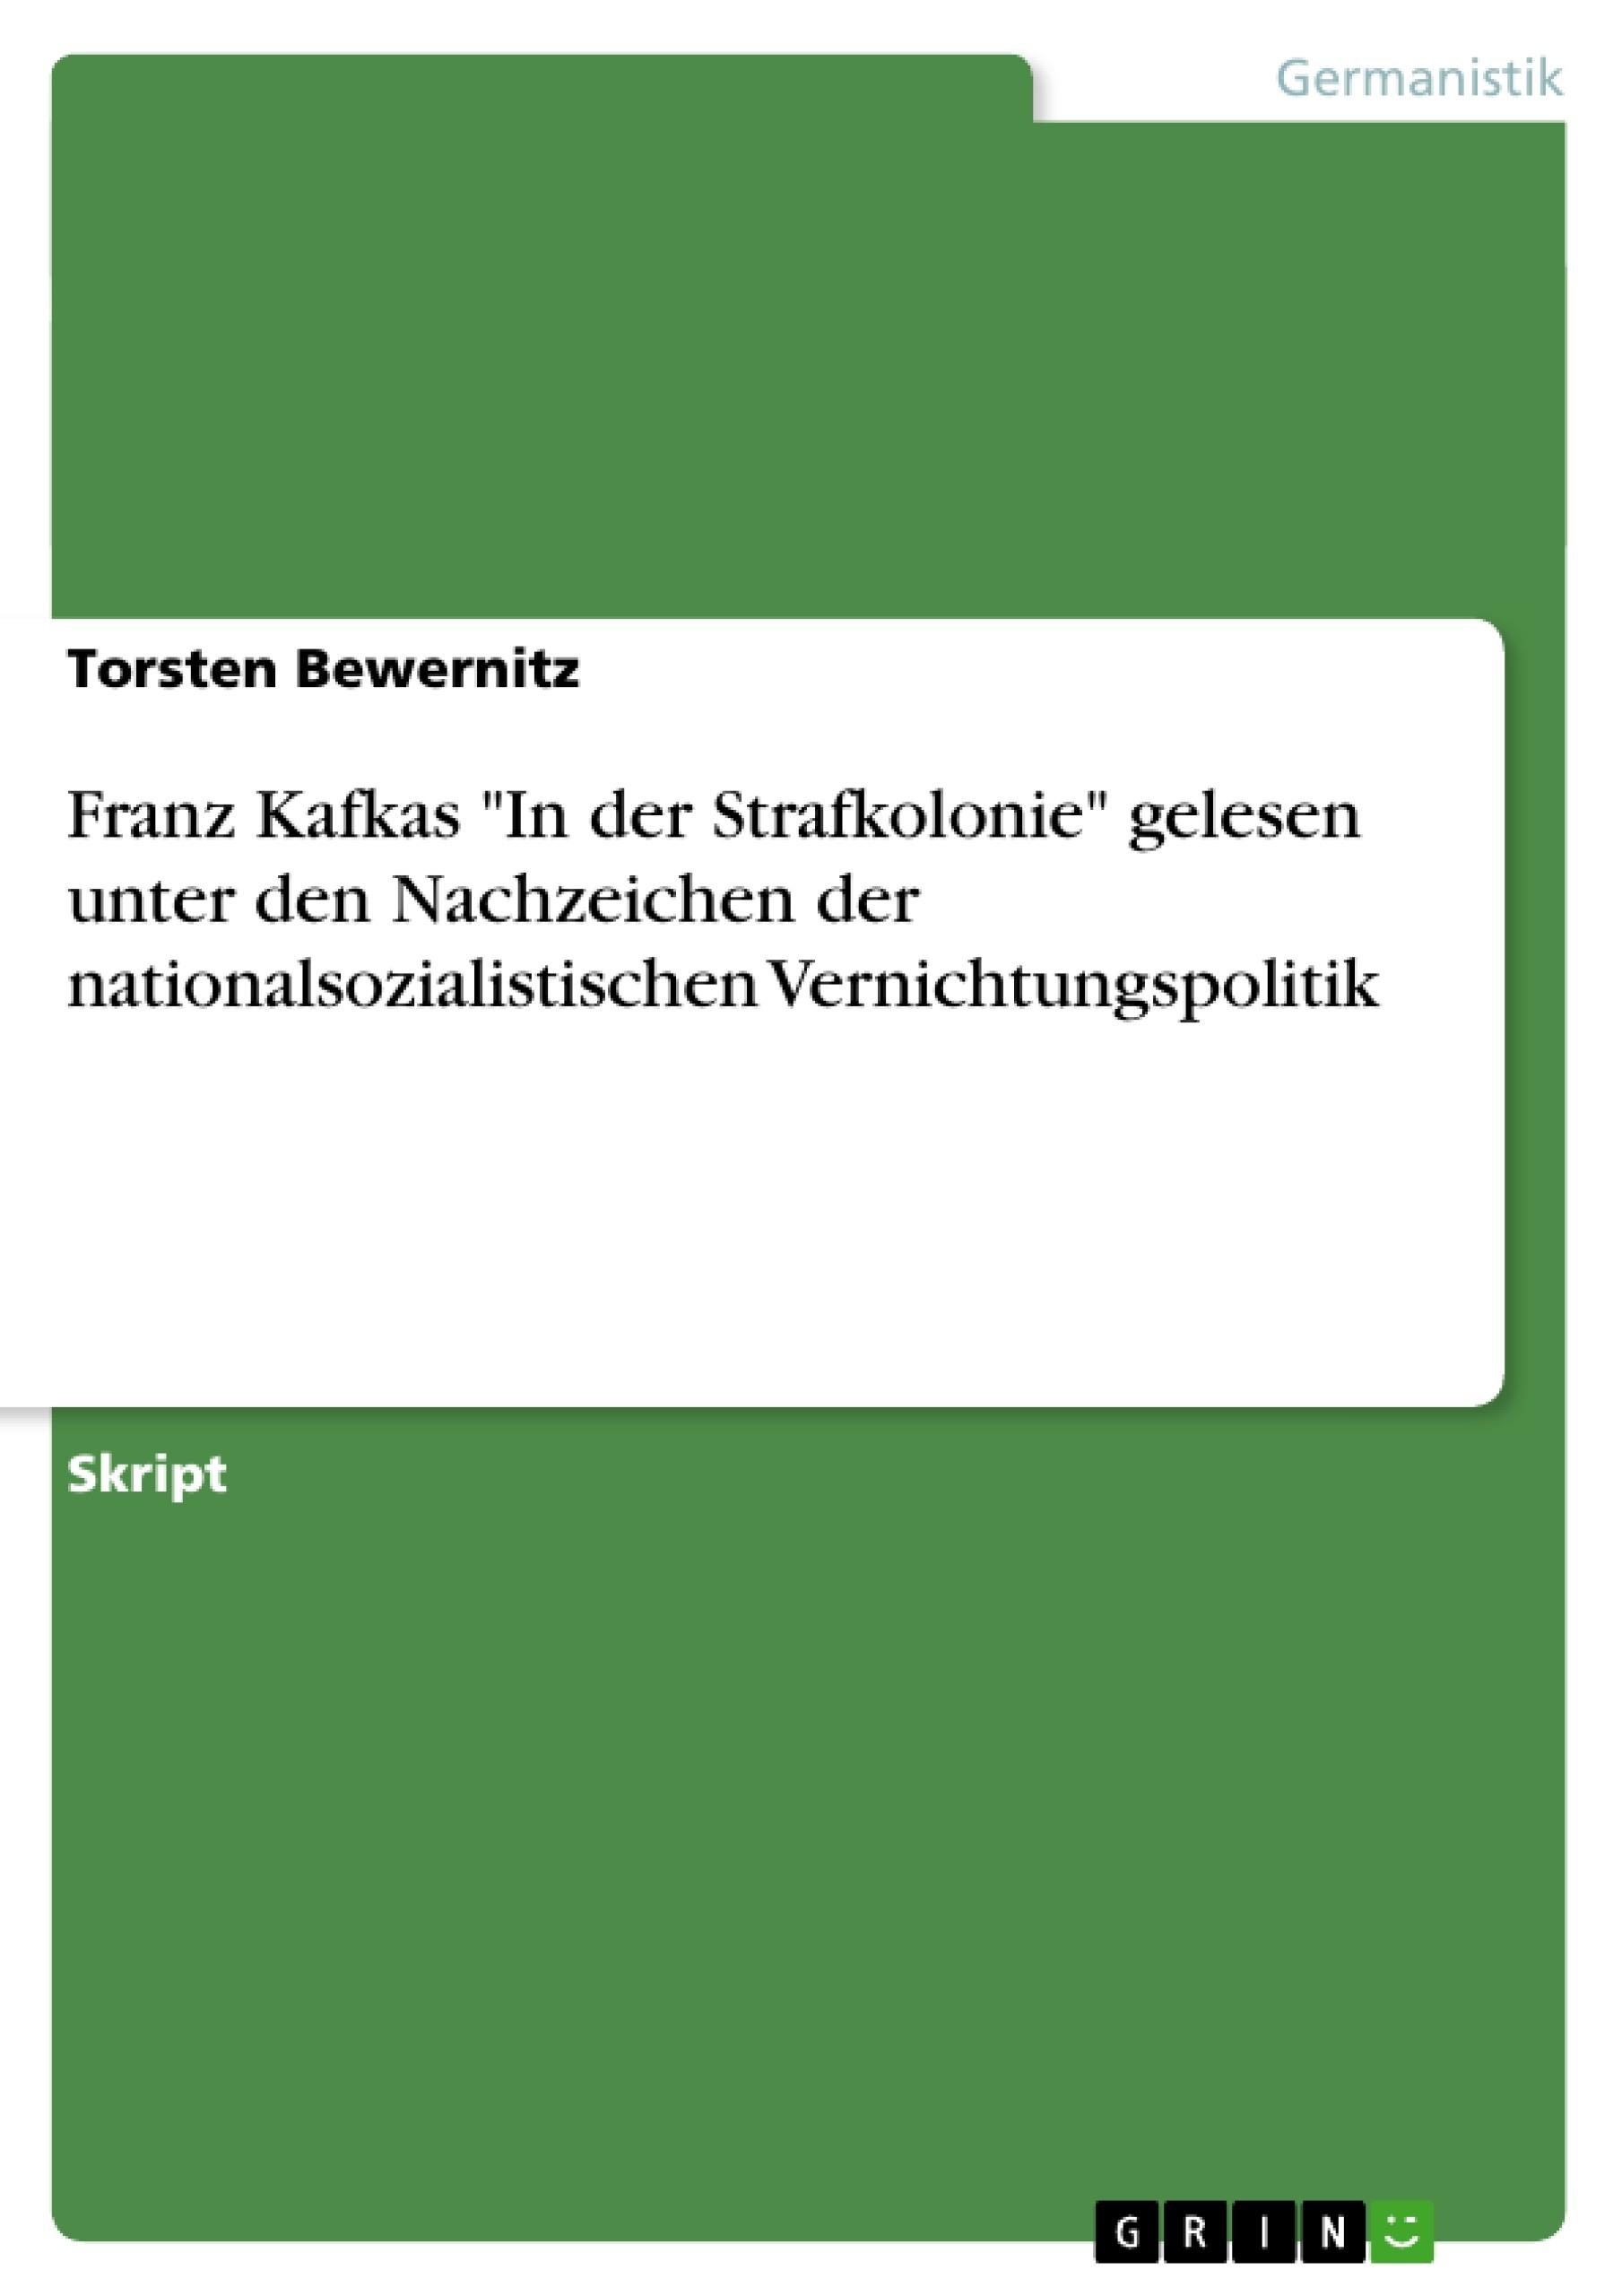 """Titel: Franz Kafkas """"In der Strafkolonie"""" gelesen unter den Nachzeichen der nationalsozialistischen Vernichtungspolitik"""